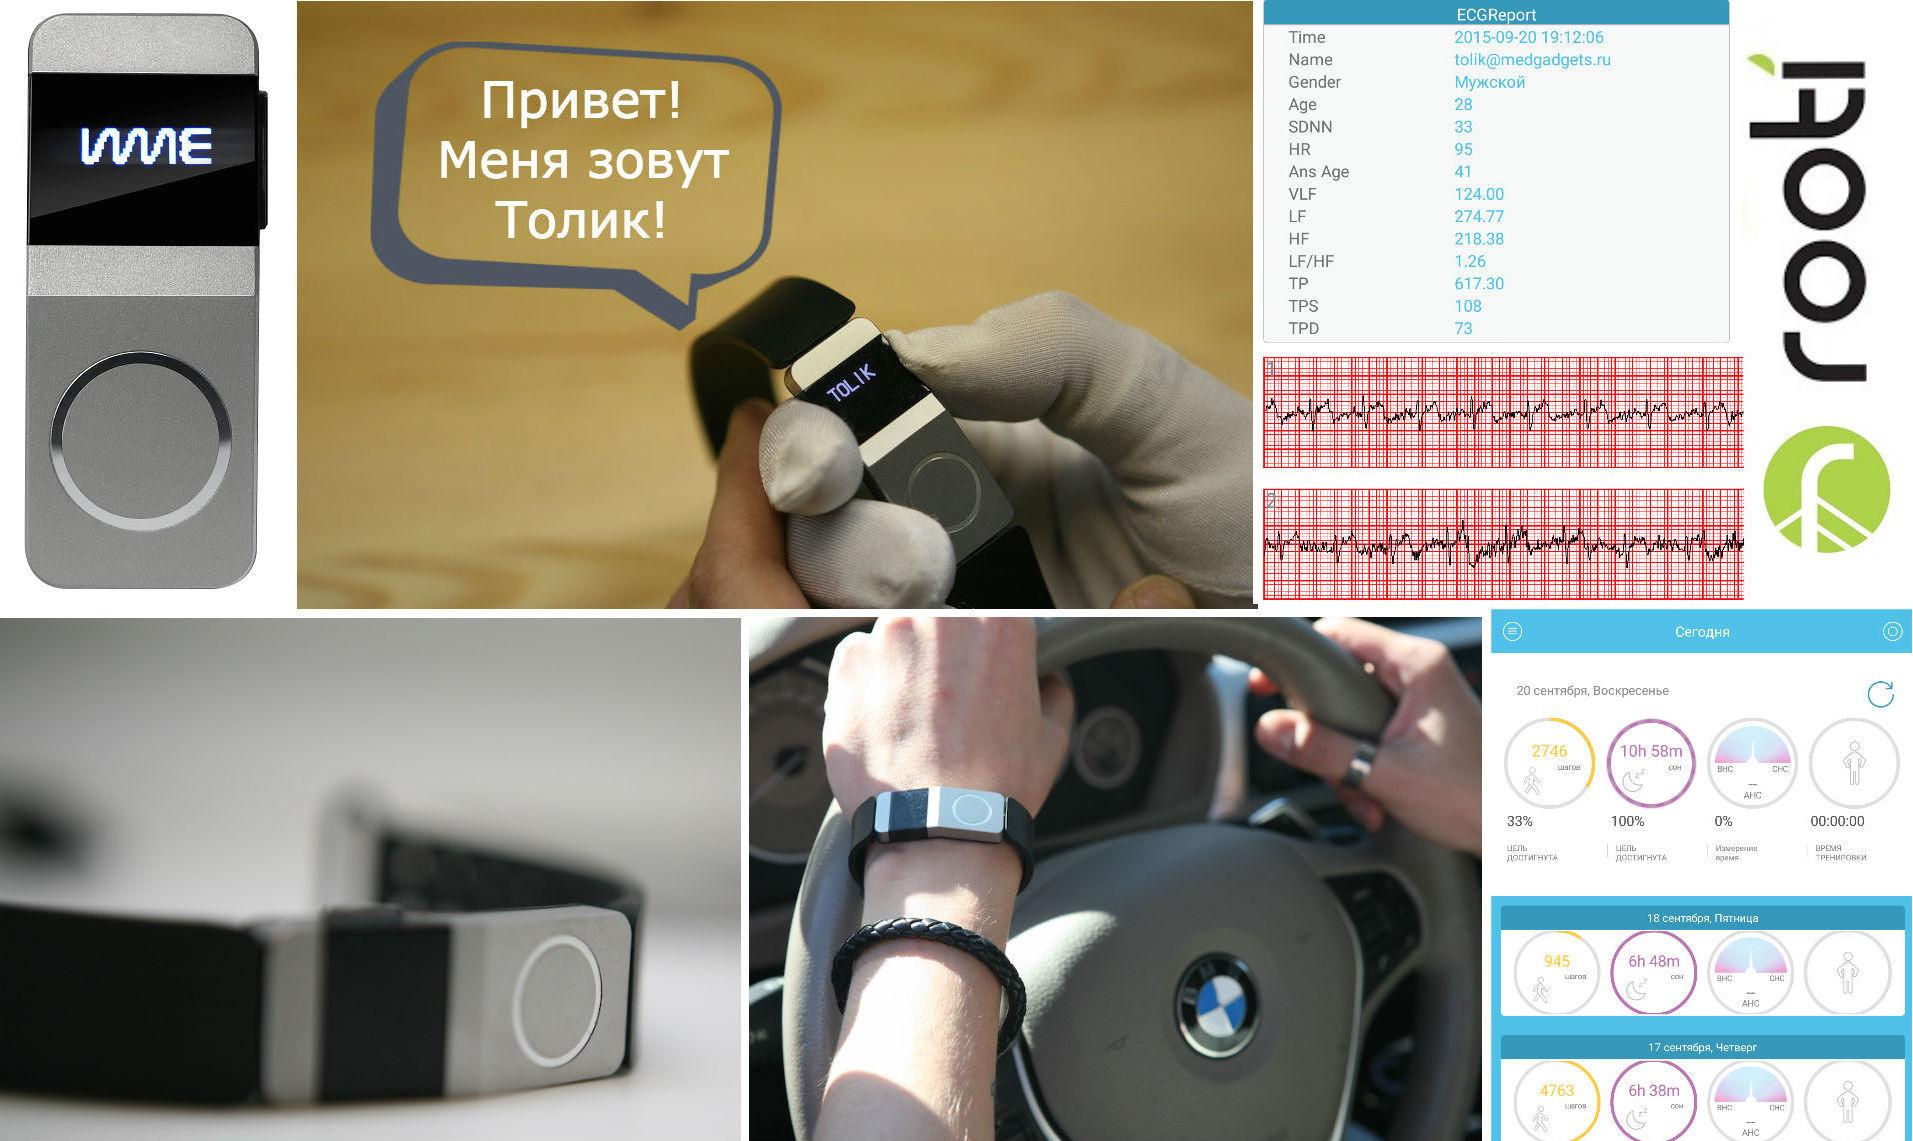 Обзор W-Me2 — первый трекер, который измеряет давление. А также пульс. И записывает ЭКГ - 1